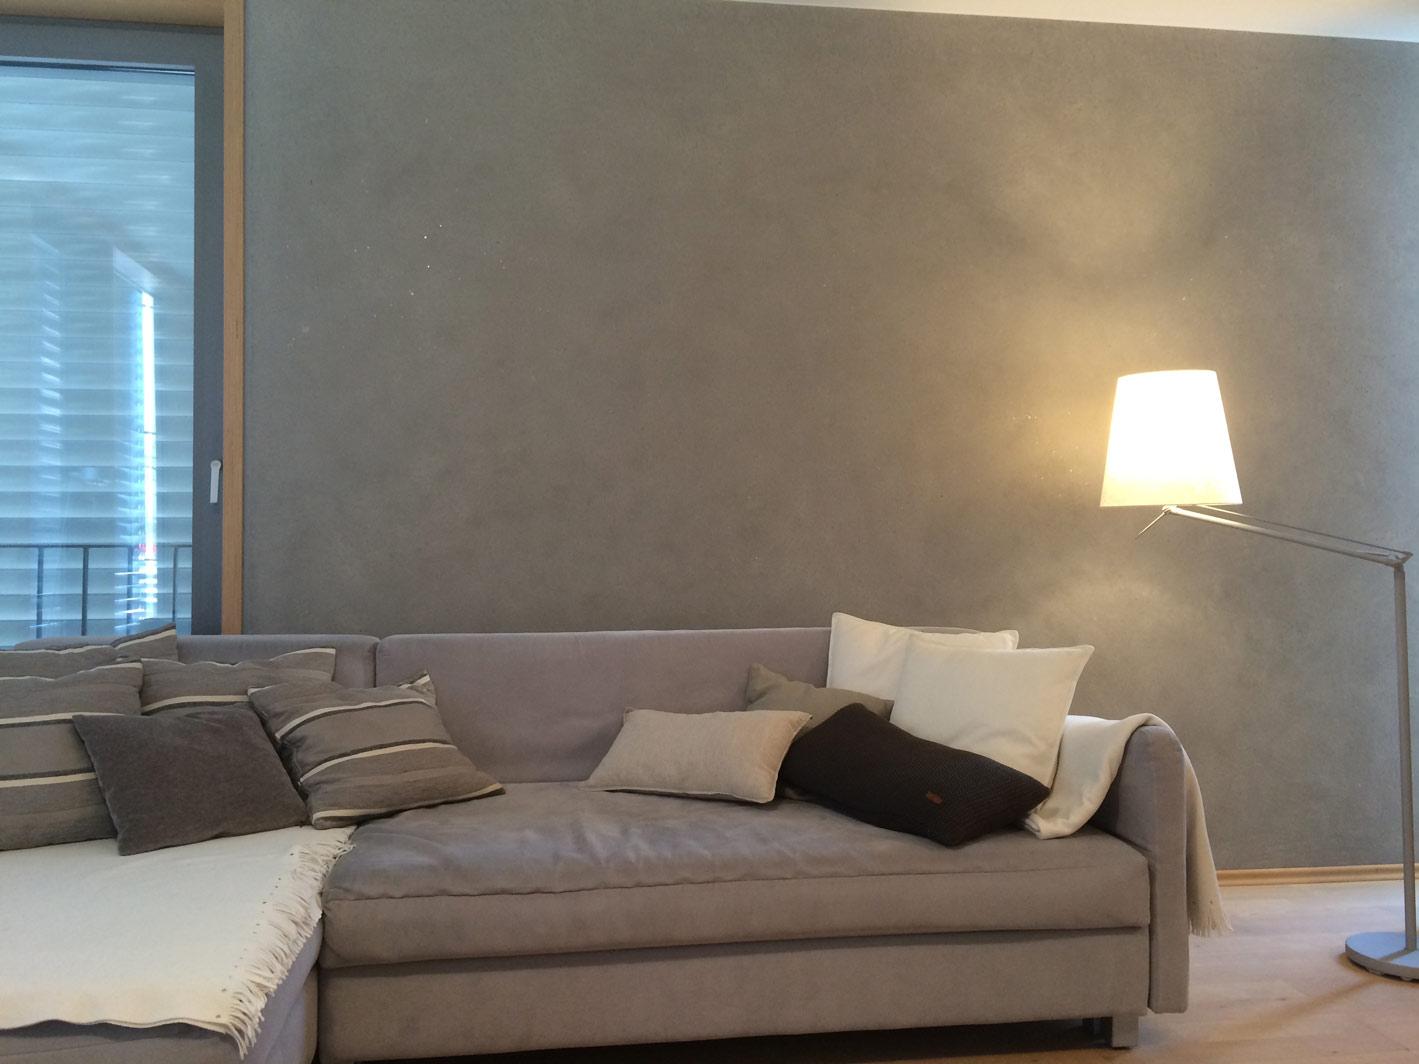 exklusive wandtechniken f r eine individuelle note ihres raumes h bsch vogt. Black Bedroom Furniture Sets. Home Design Ideas